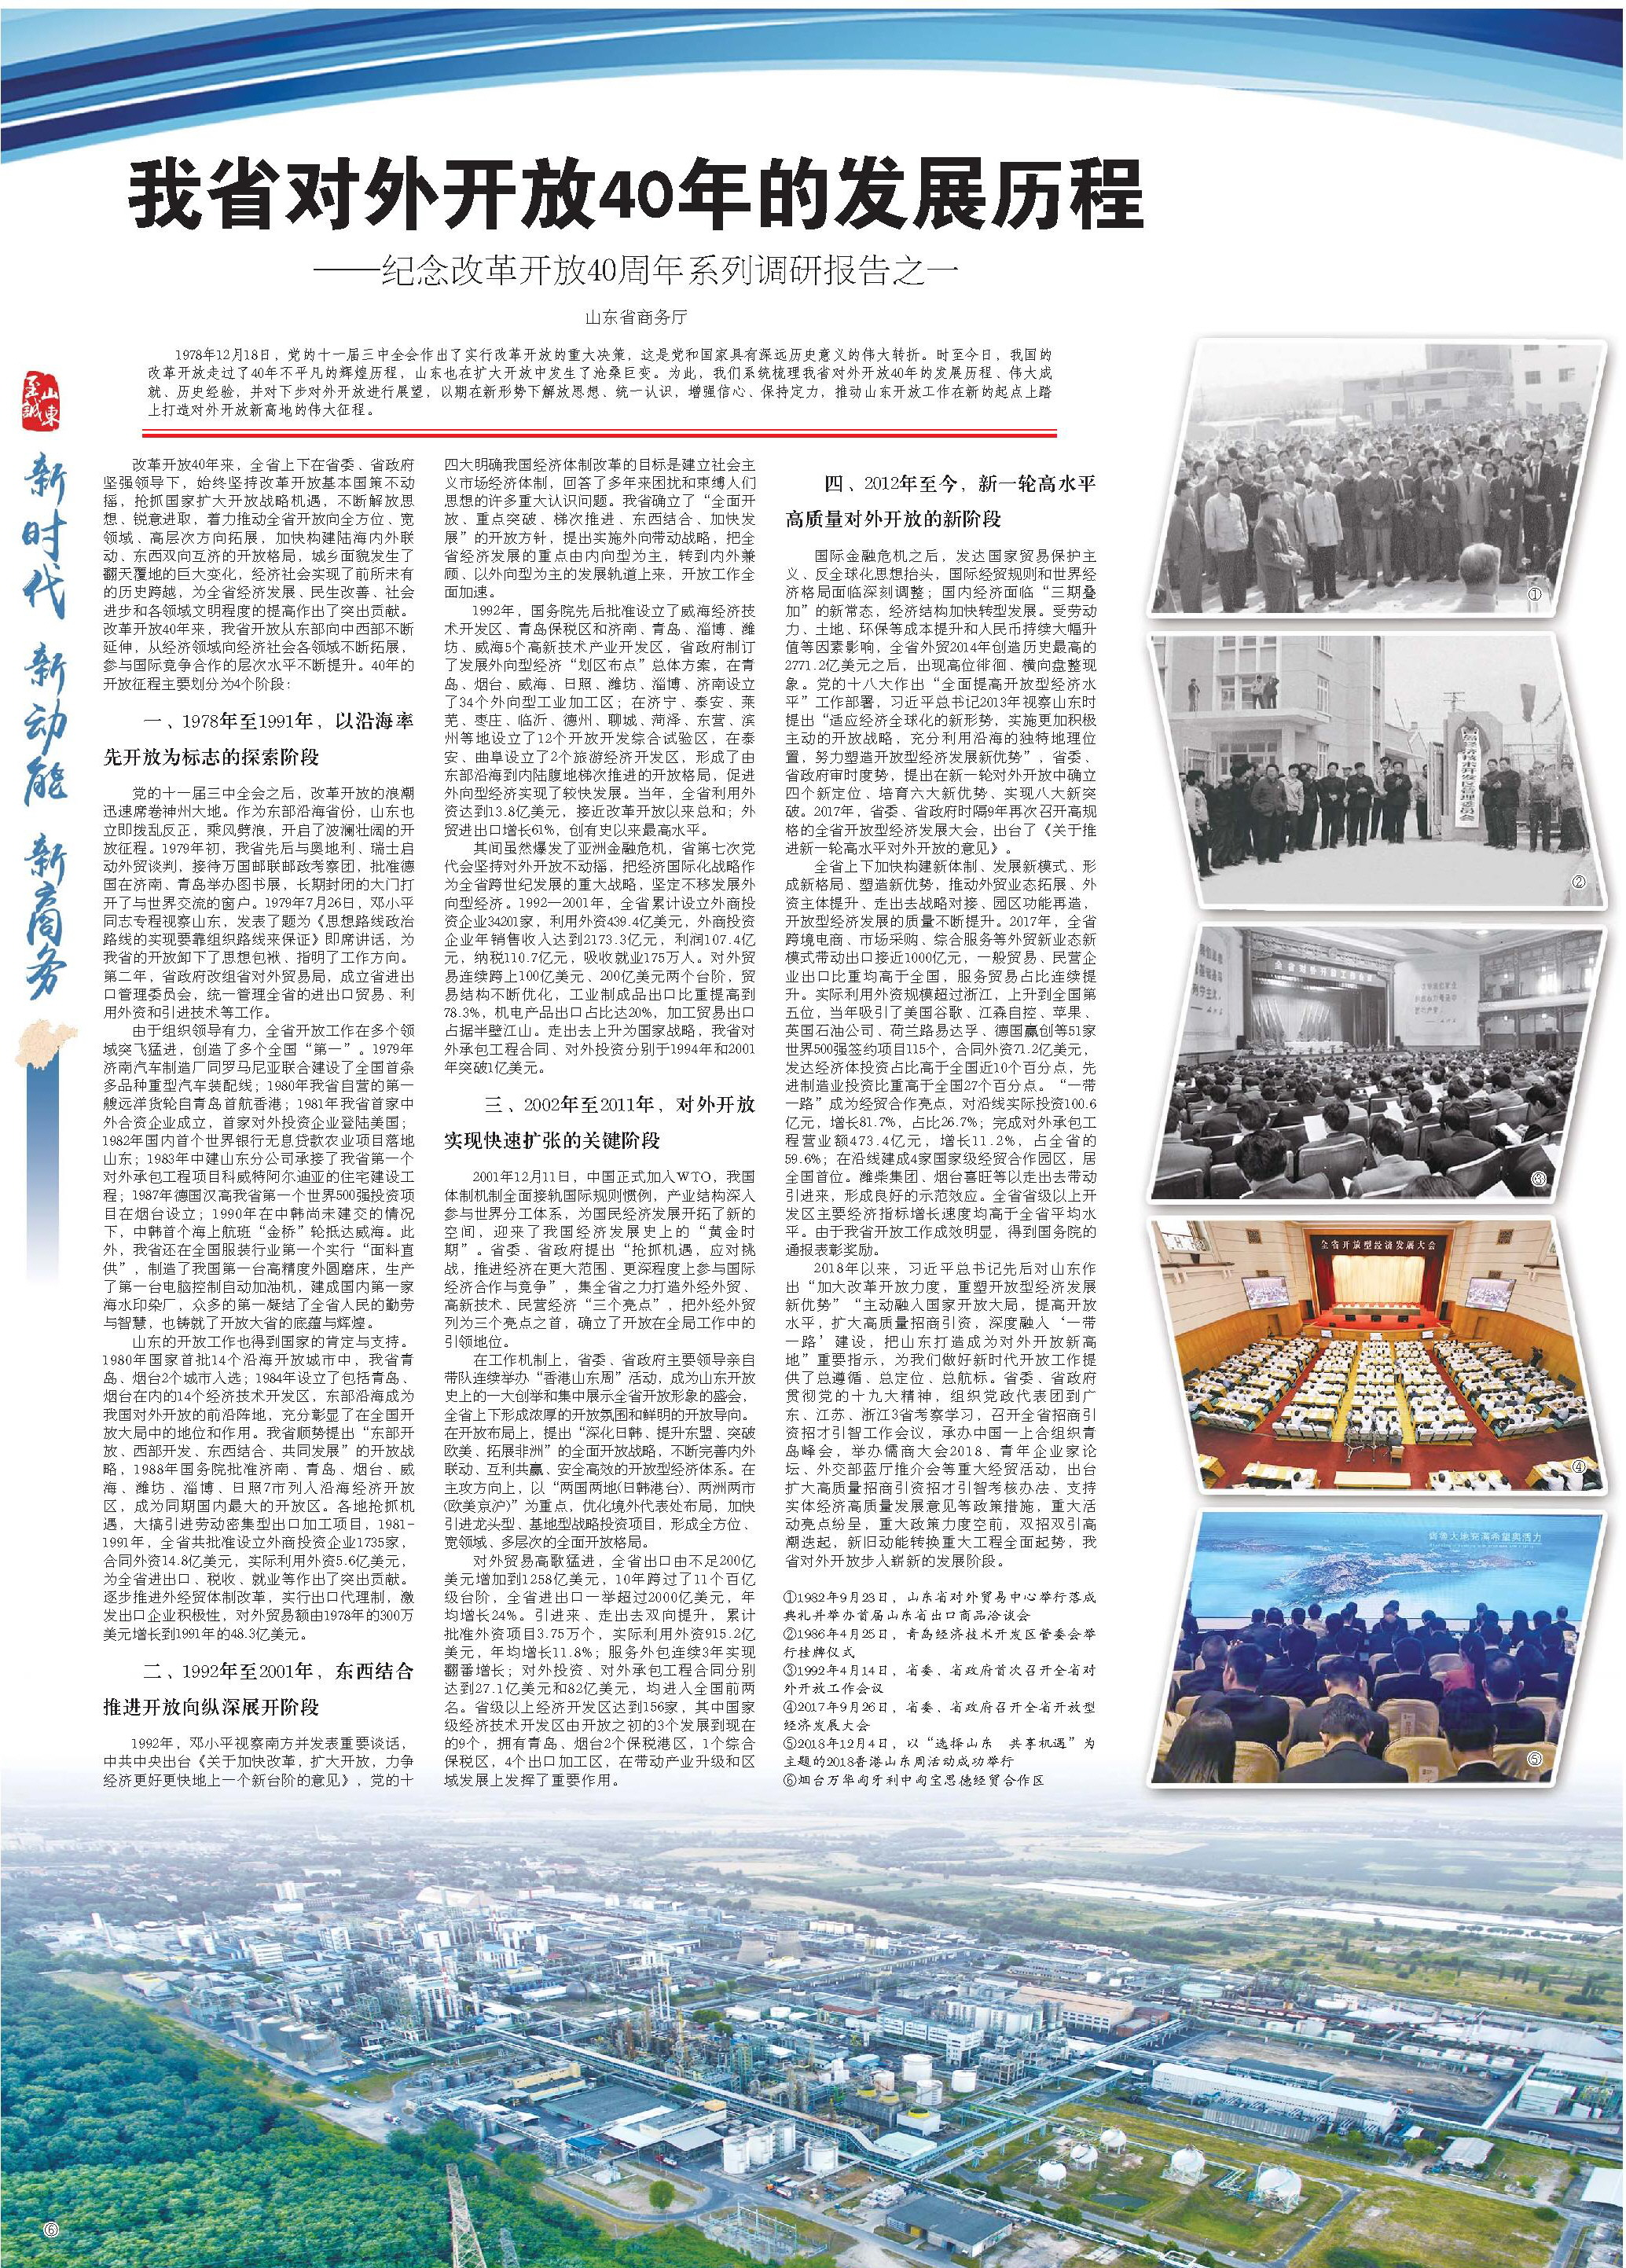 八大中央委员_第二年,省政府改组省对外贸易局,成立省进出口管理委员会,统一管理